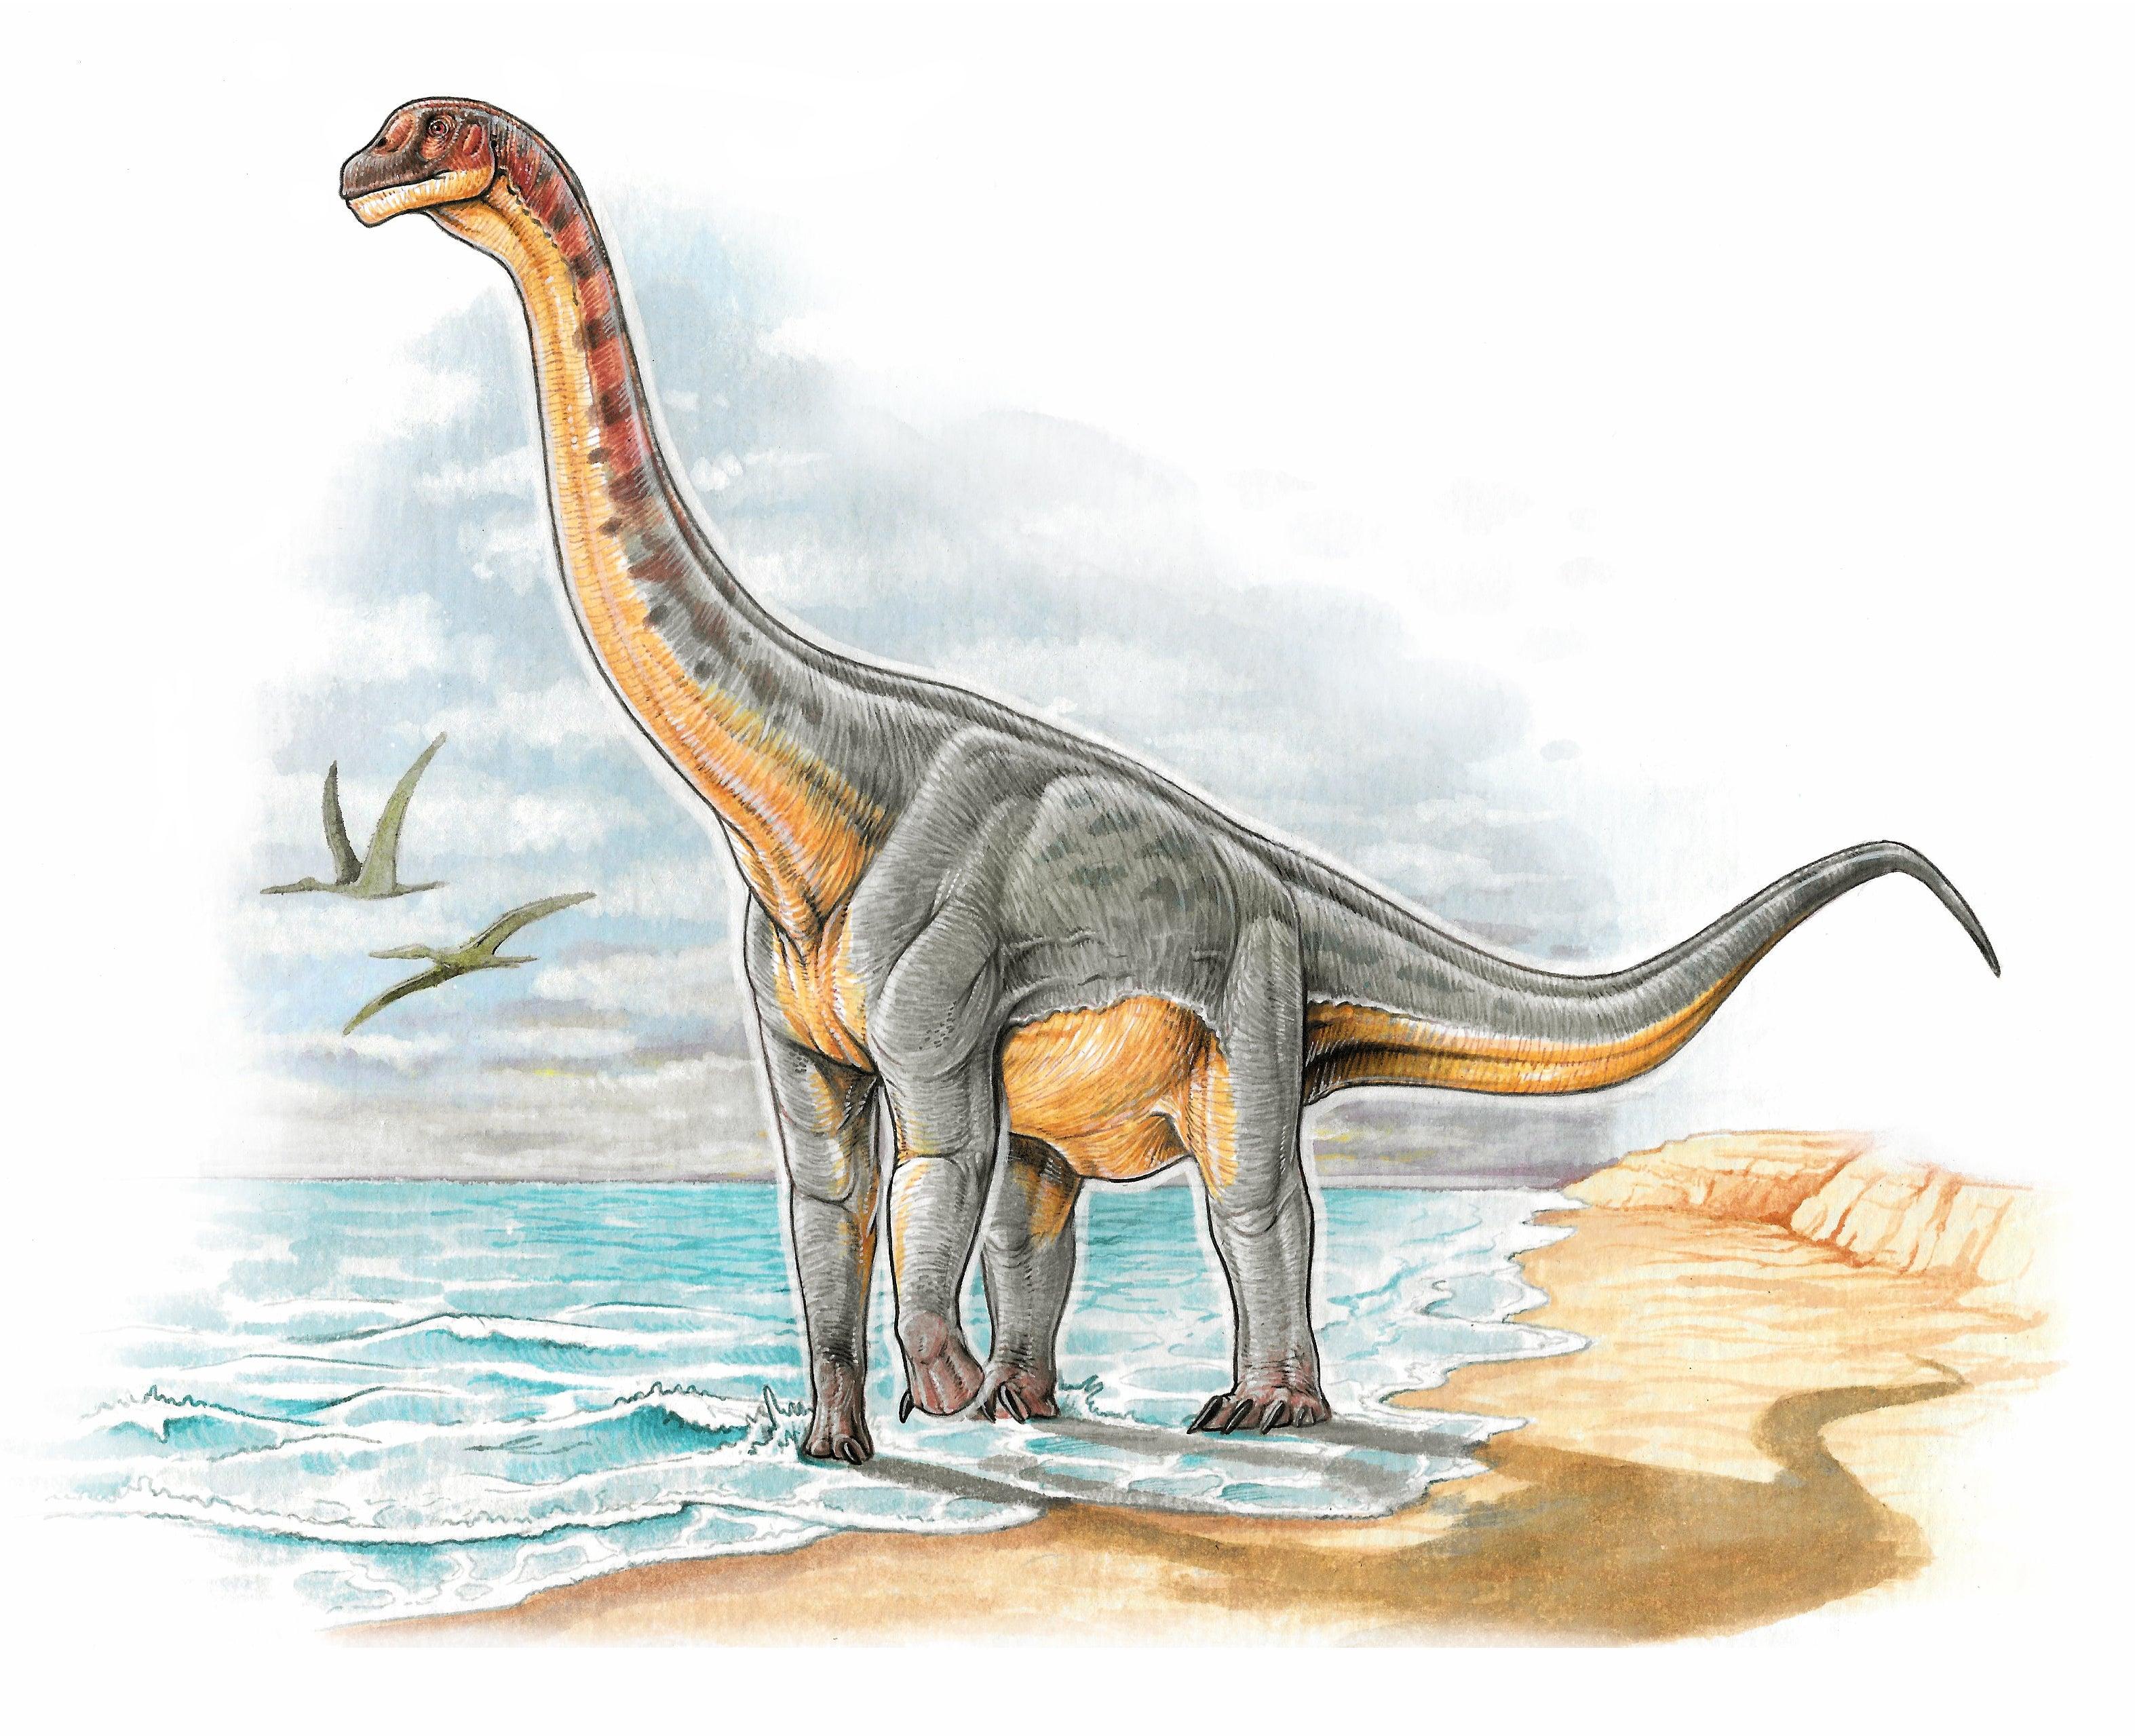 Cientificos Descubren El Primer Dinosaurio En Suelo Colombiano Scientific American Espanol Hoteles en villa de leyva, boyacá, colombia. primer dinosaurio en suelo colombiano